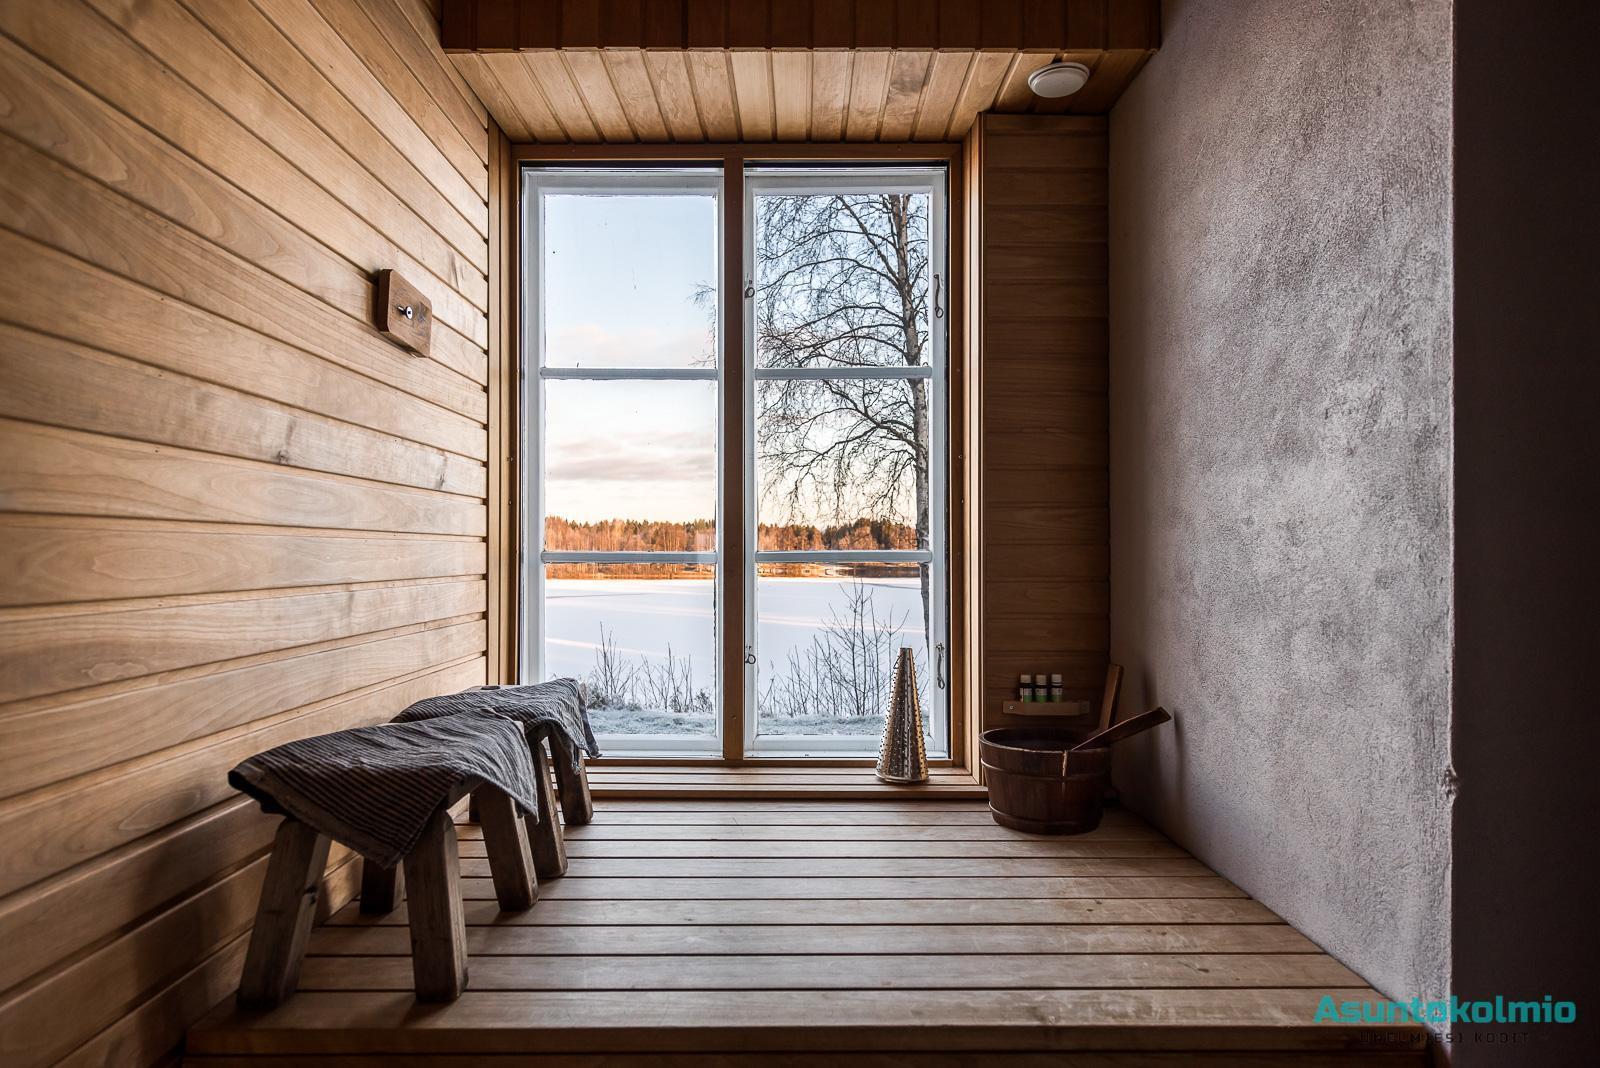 Saunan isosta ikkunasta voi ihastella upeita jokimaisemia  Etuovi com Ideat